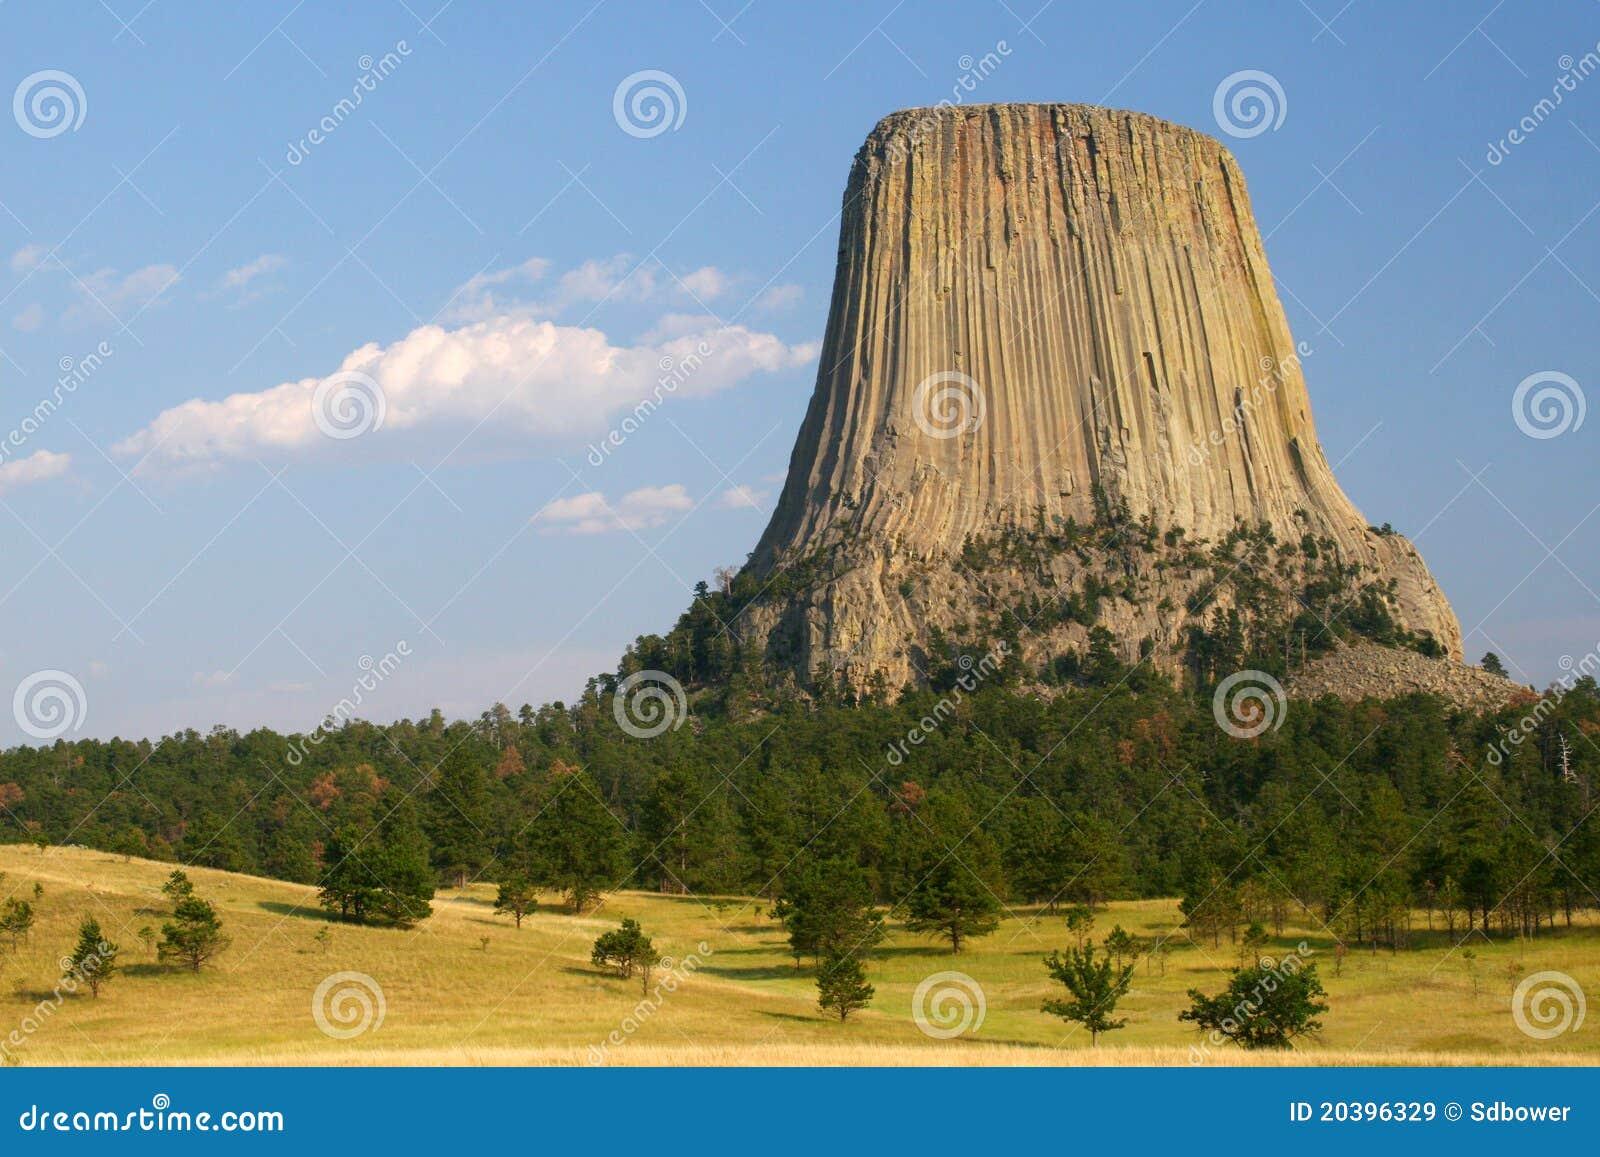 La tour du diable wyoming image stock image du diable 20396329 - La hotte du diable ...